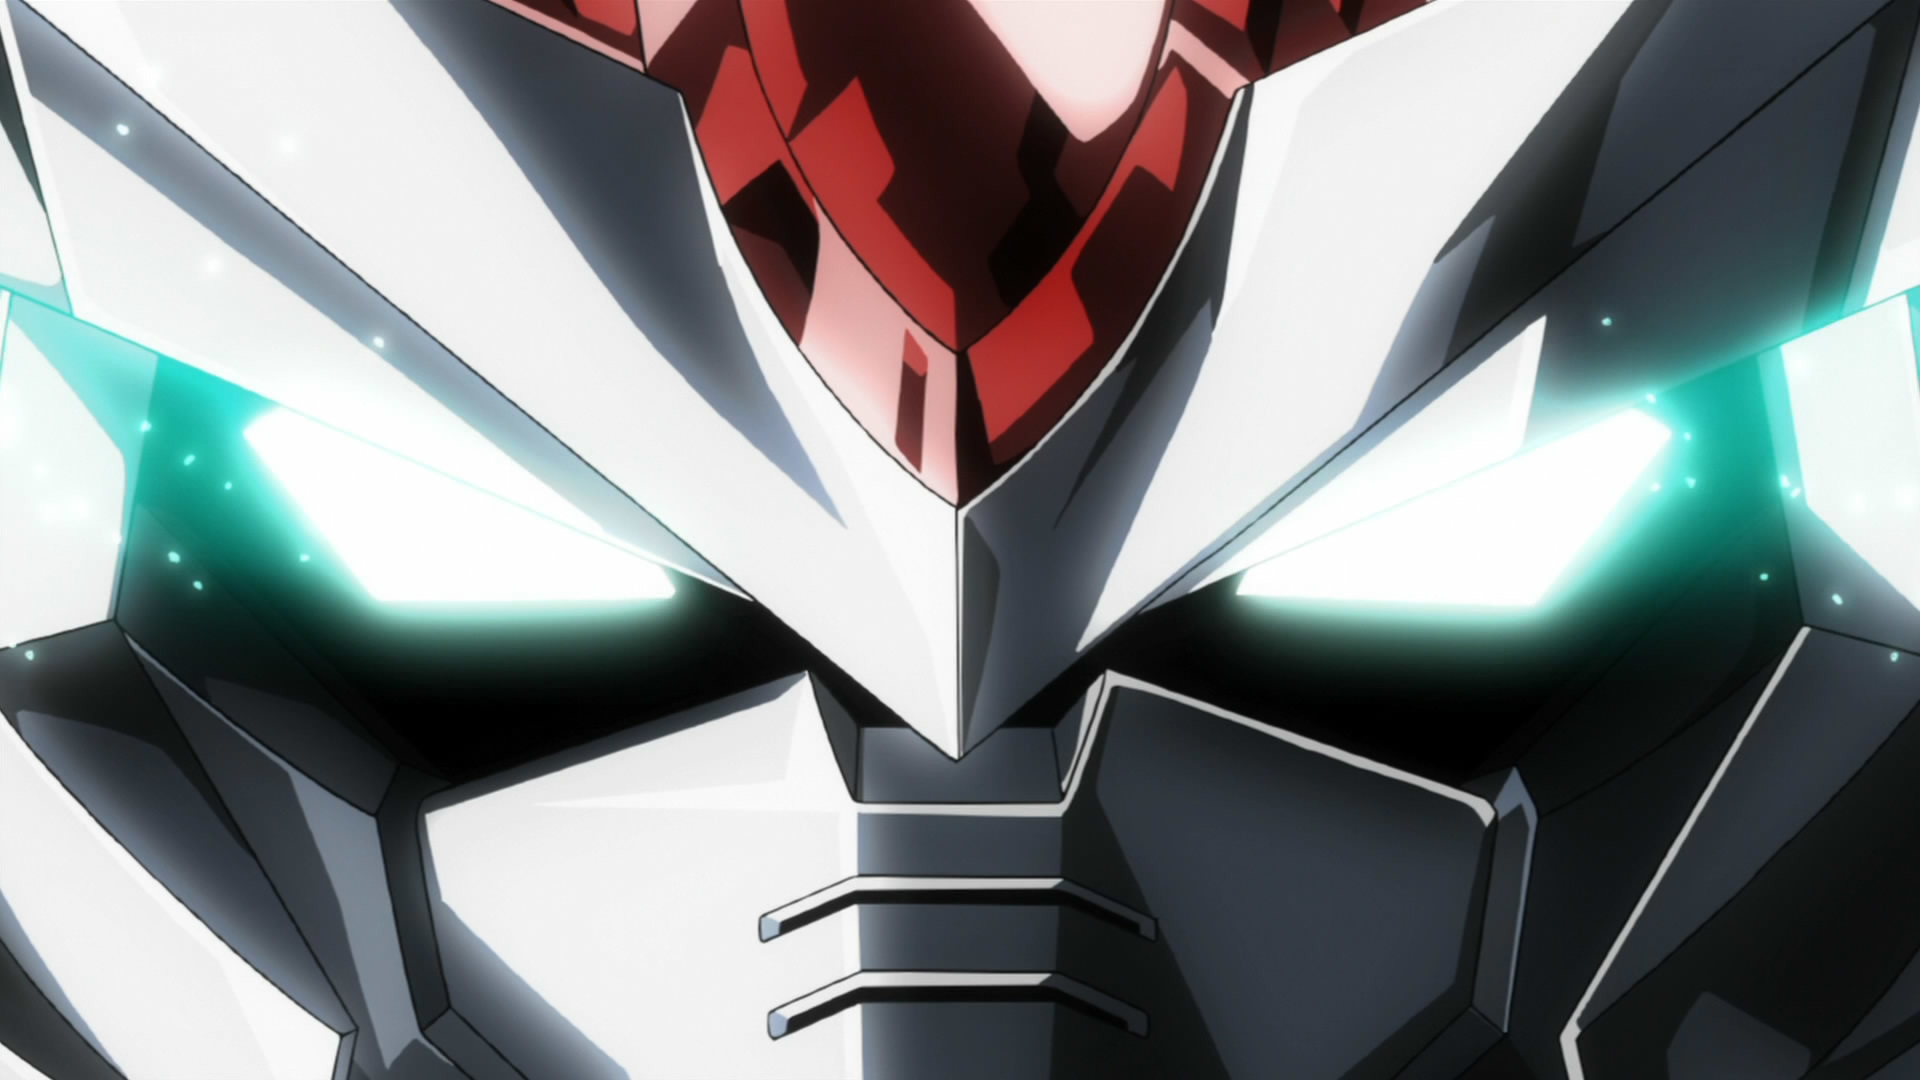 Gundam wallpaper 1920x1080 65 images - Anime mobile wallpaper ...